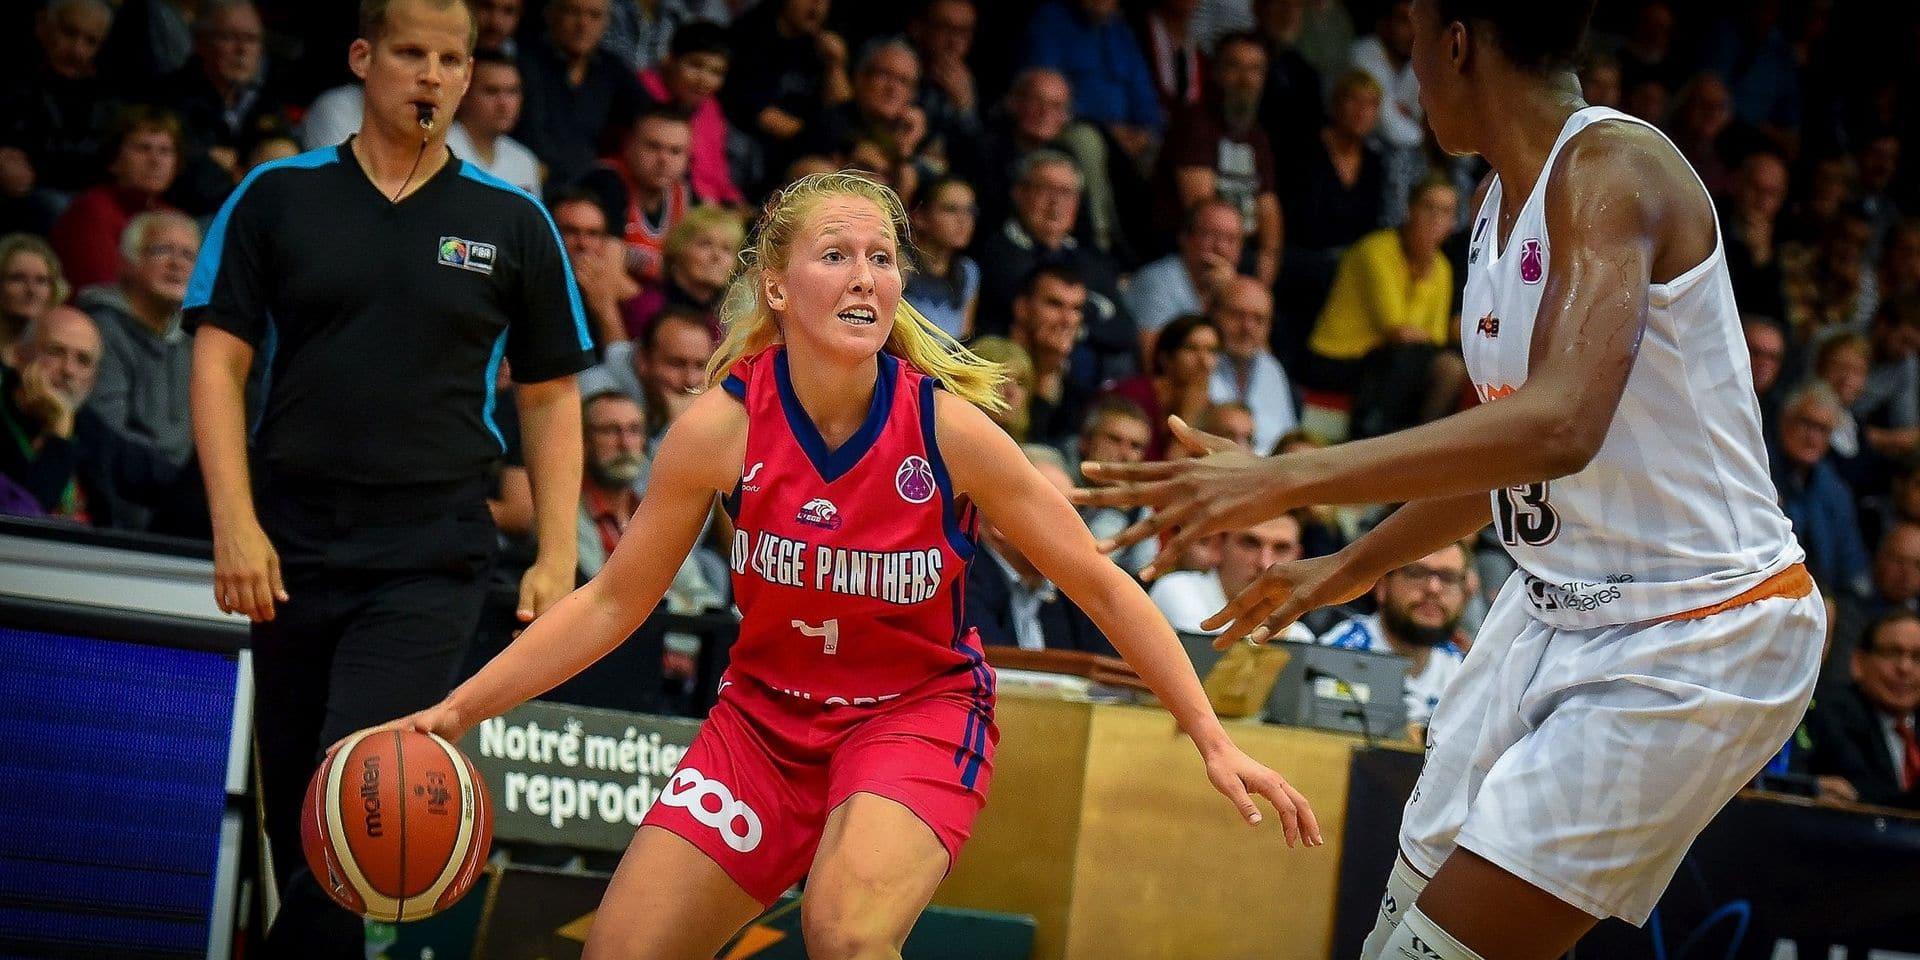 EuroCup : Les Panthers passent au grand format ce soir face à Fribourg